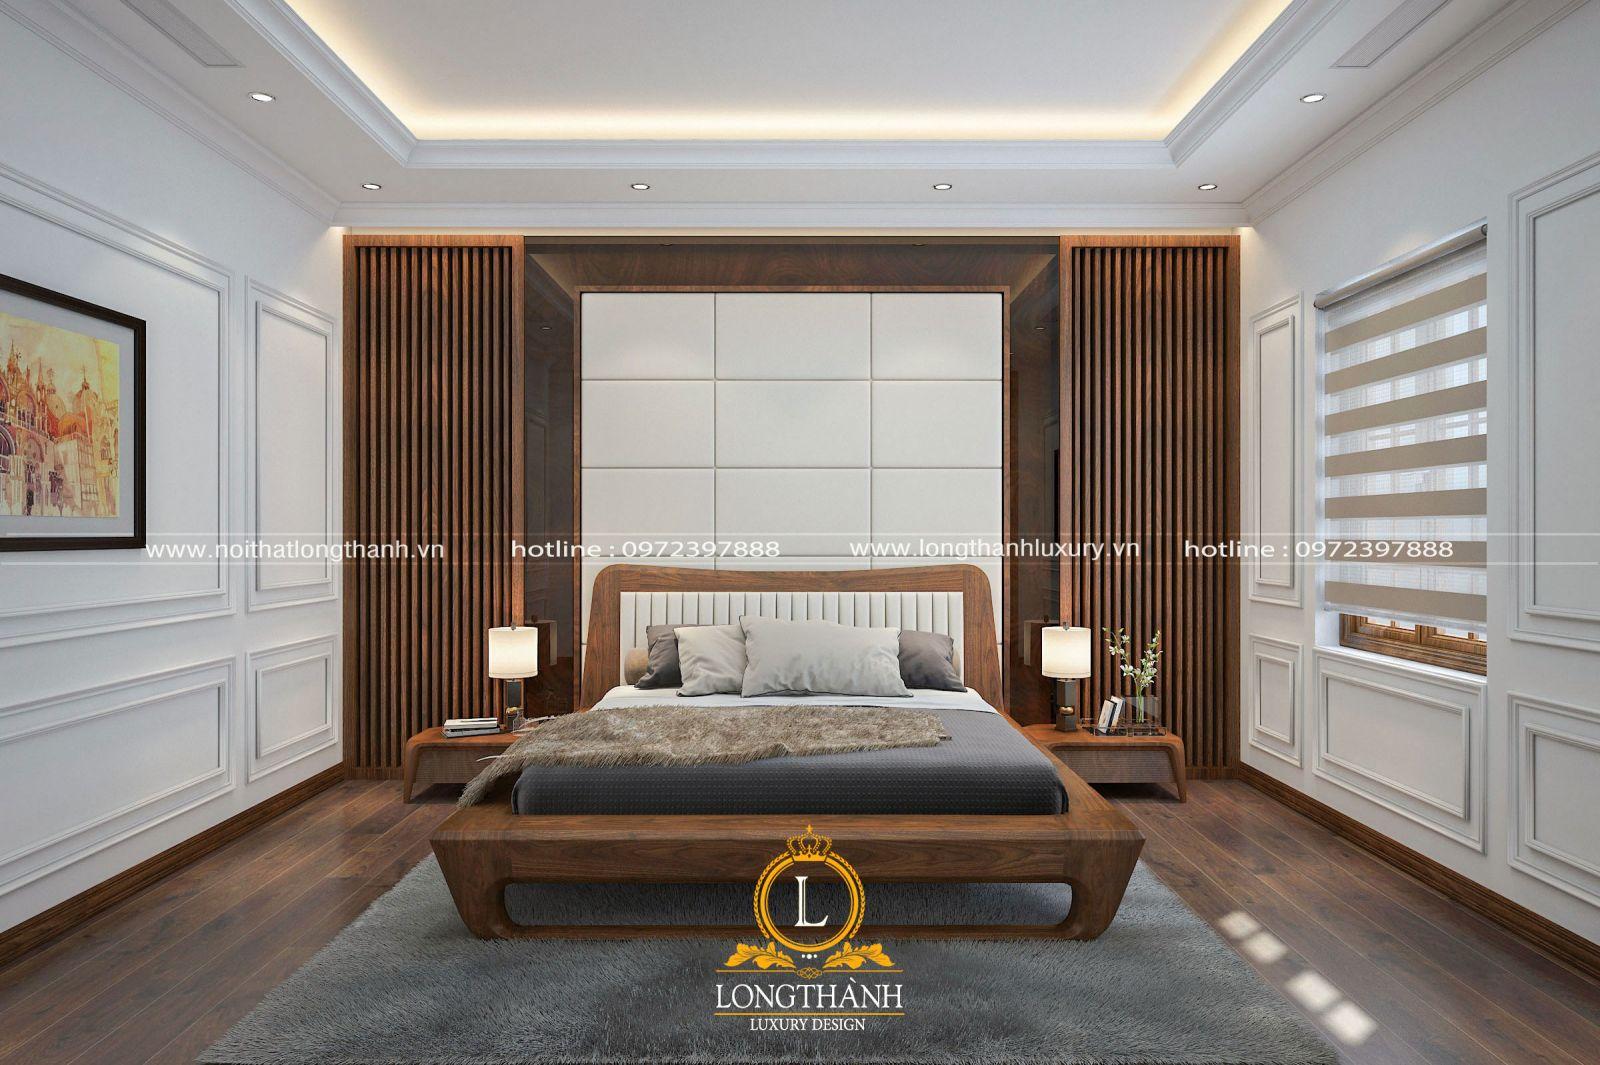 Thiết kế phòng ngủ tân cổ điển mang hơi hướng hiện đại tiết kiệm chi phí